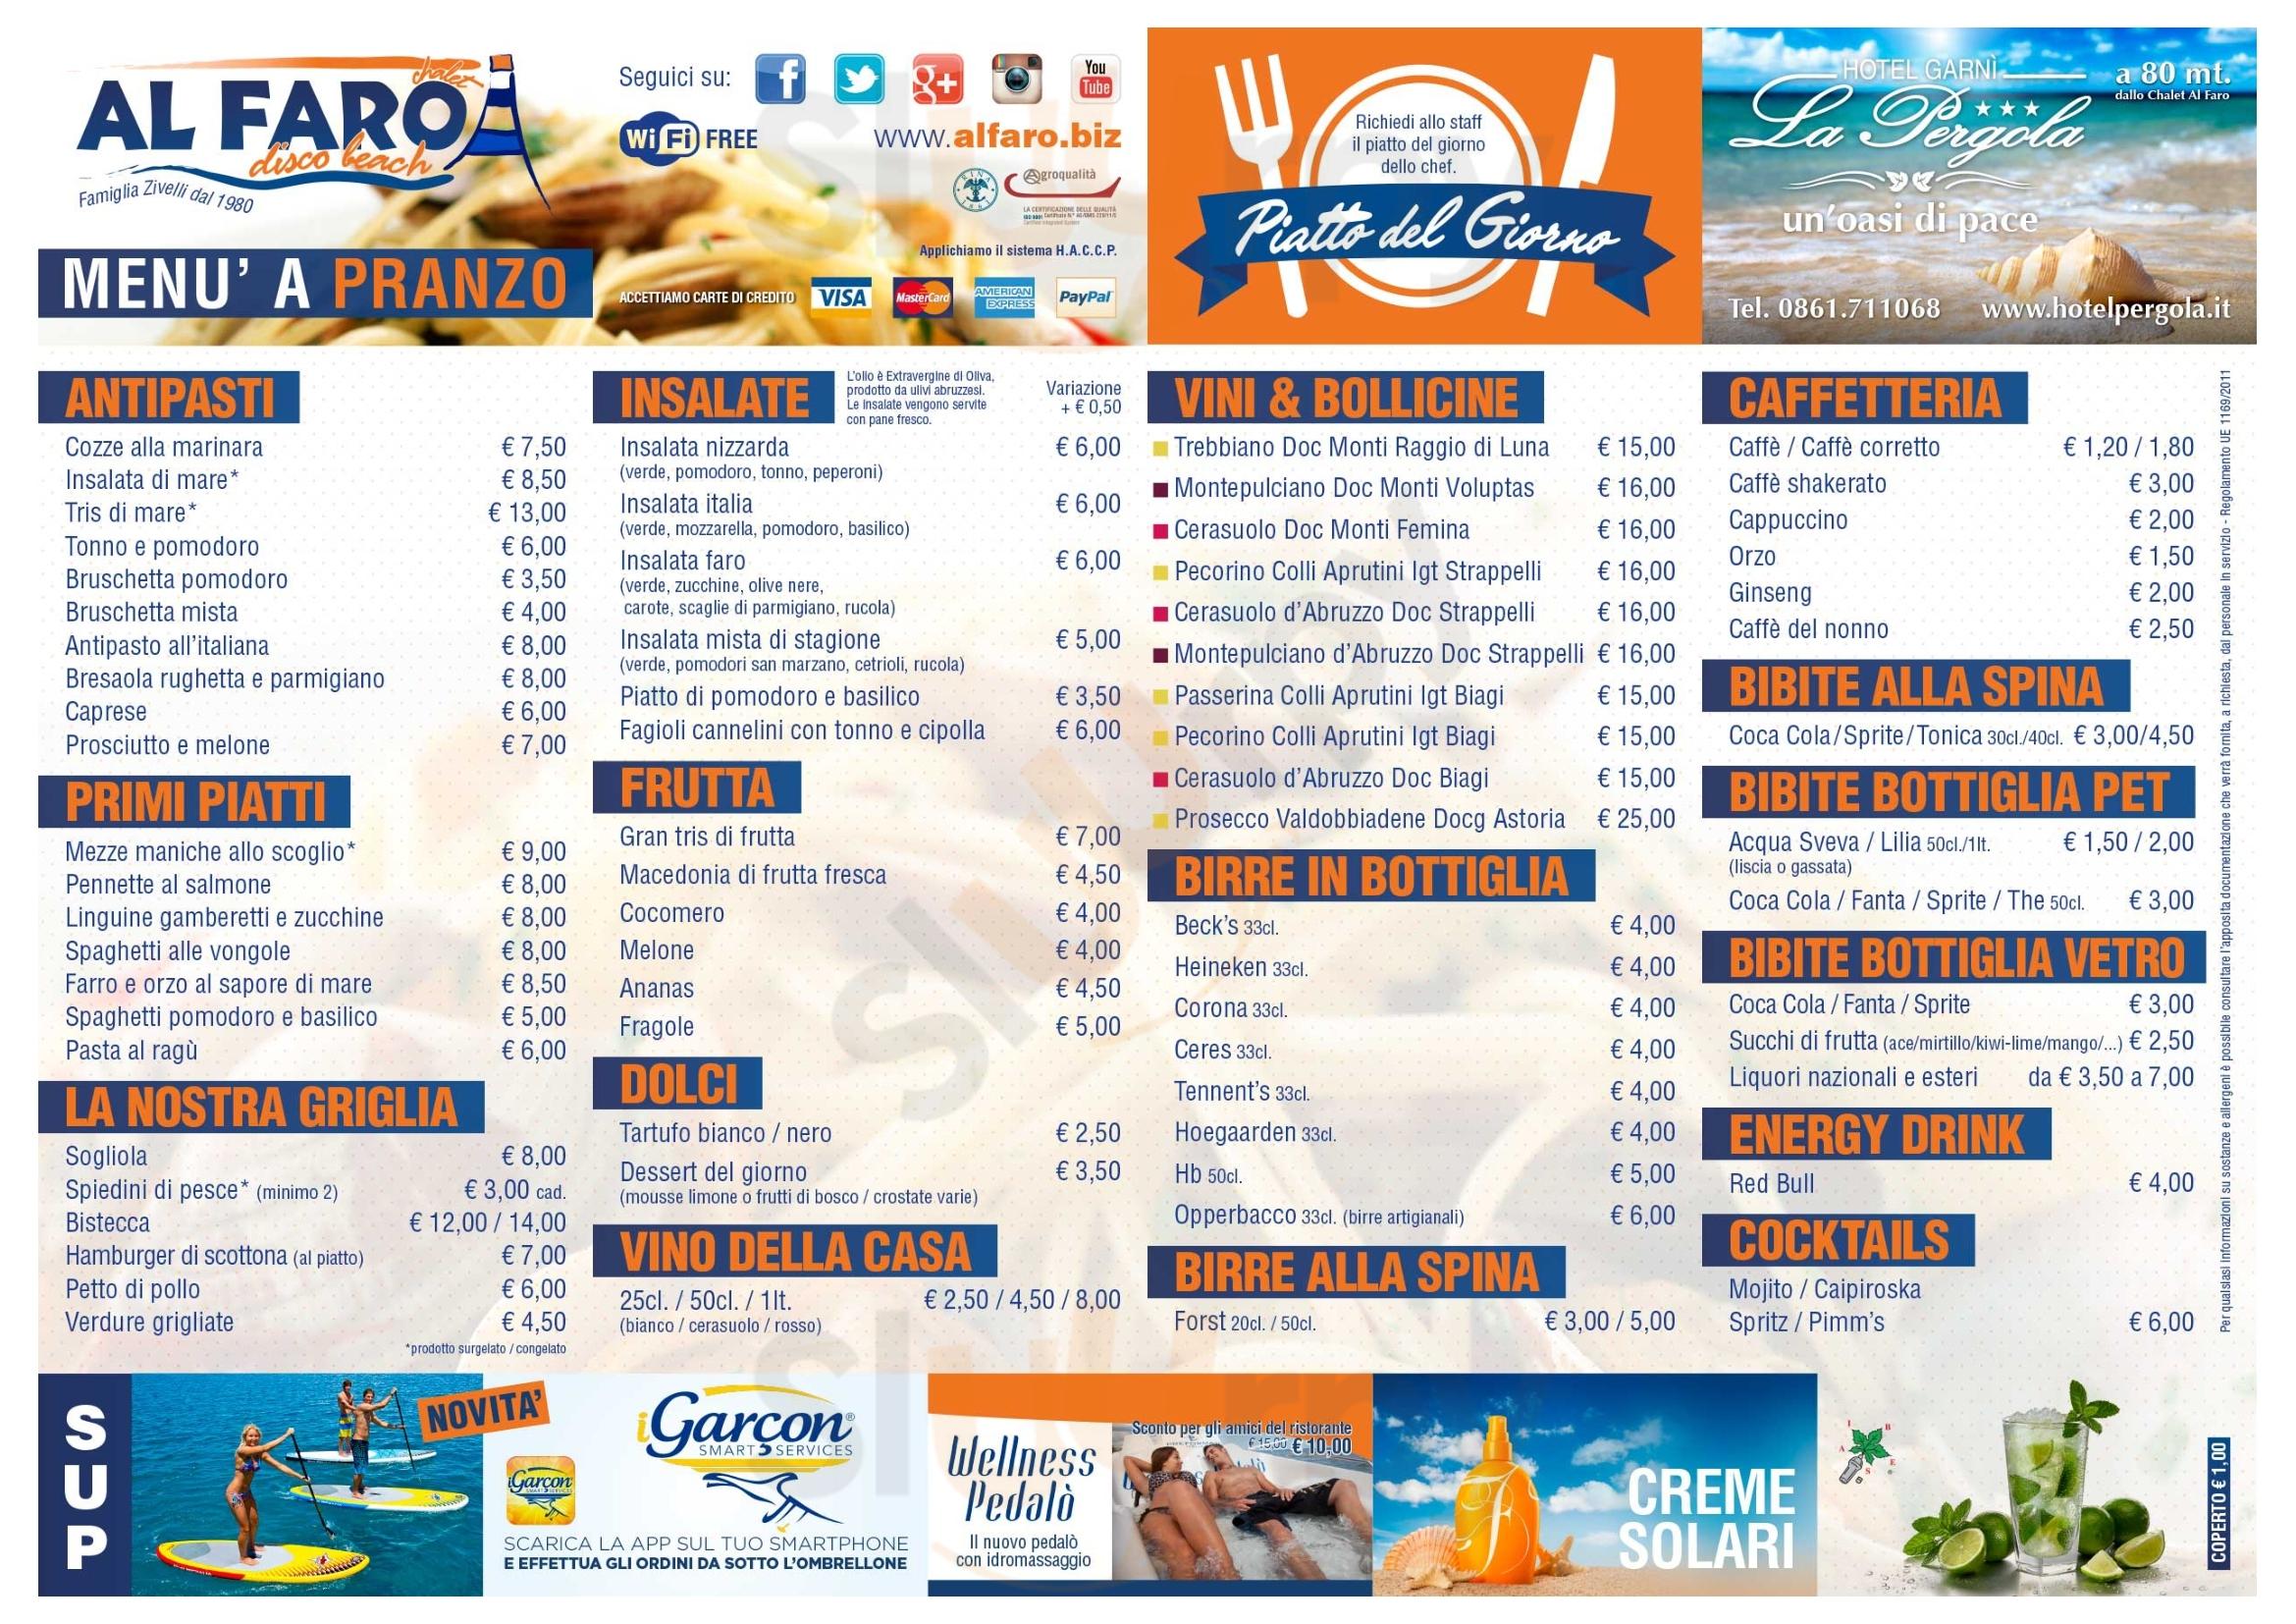 Al Faro Alba Adriatica menù 1 pagina